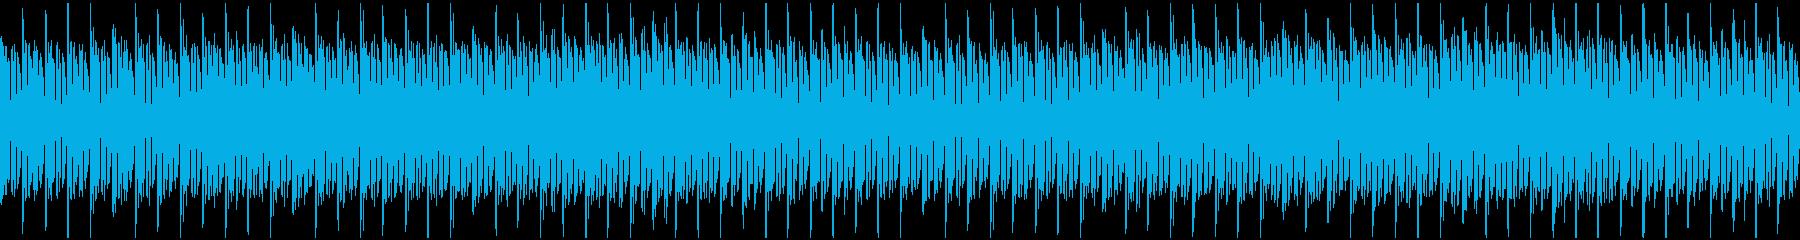 【YouTube】おしゃれな解説レビューの再生済みの波形